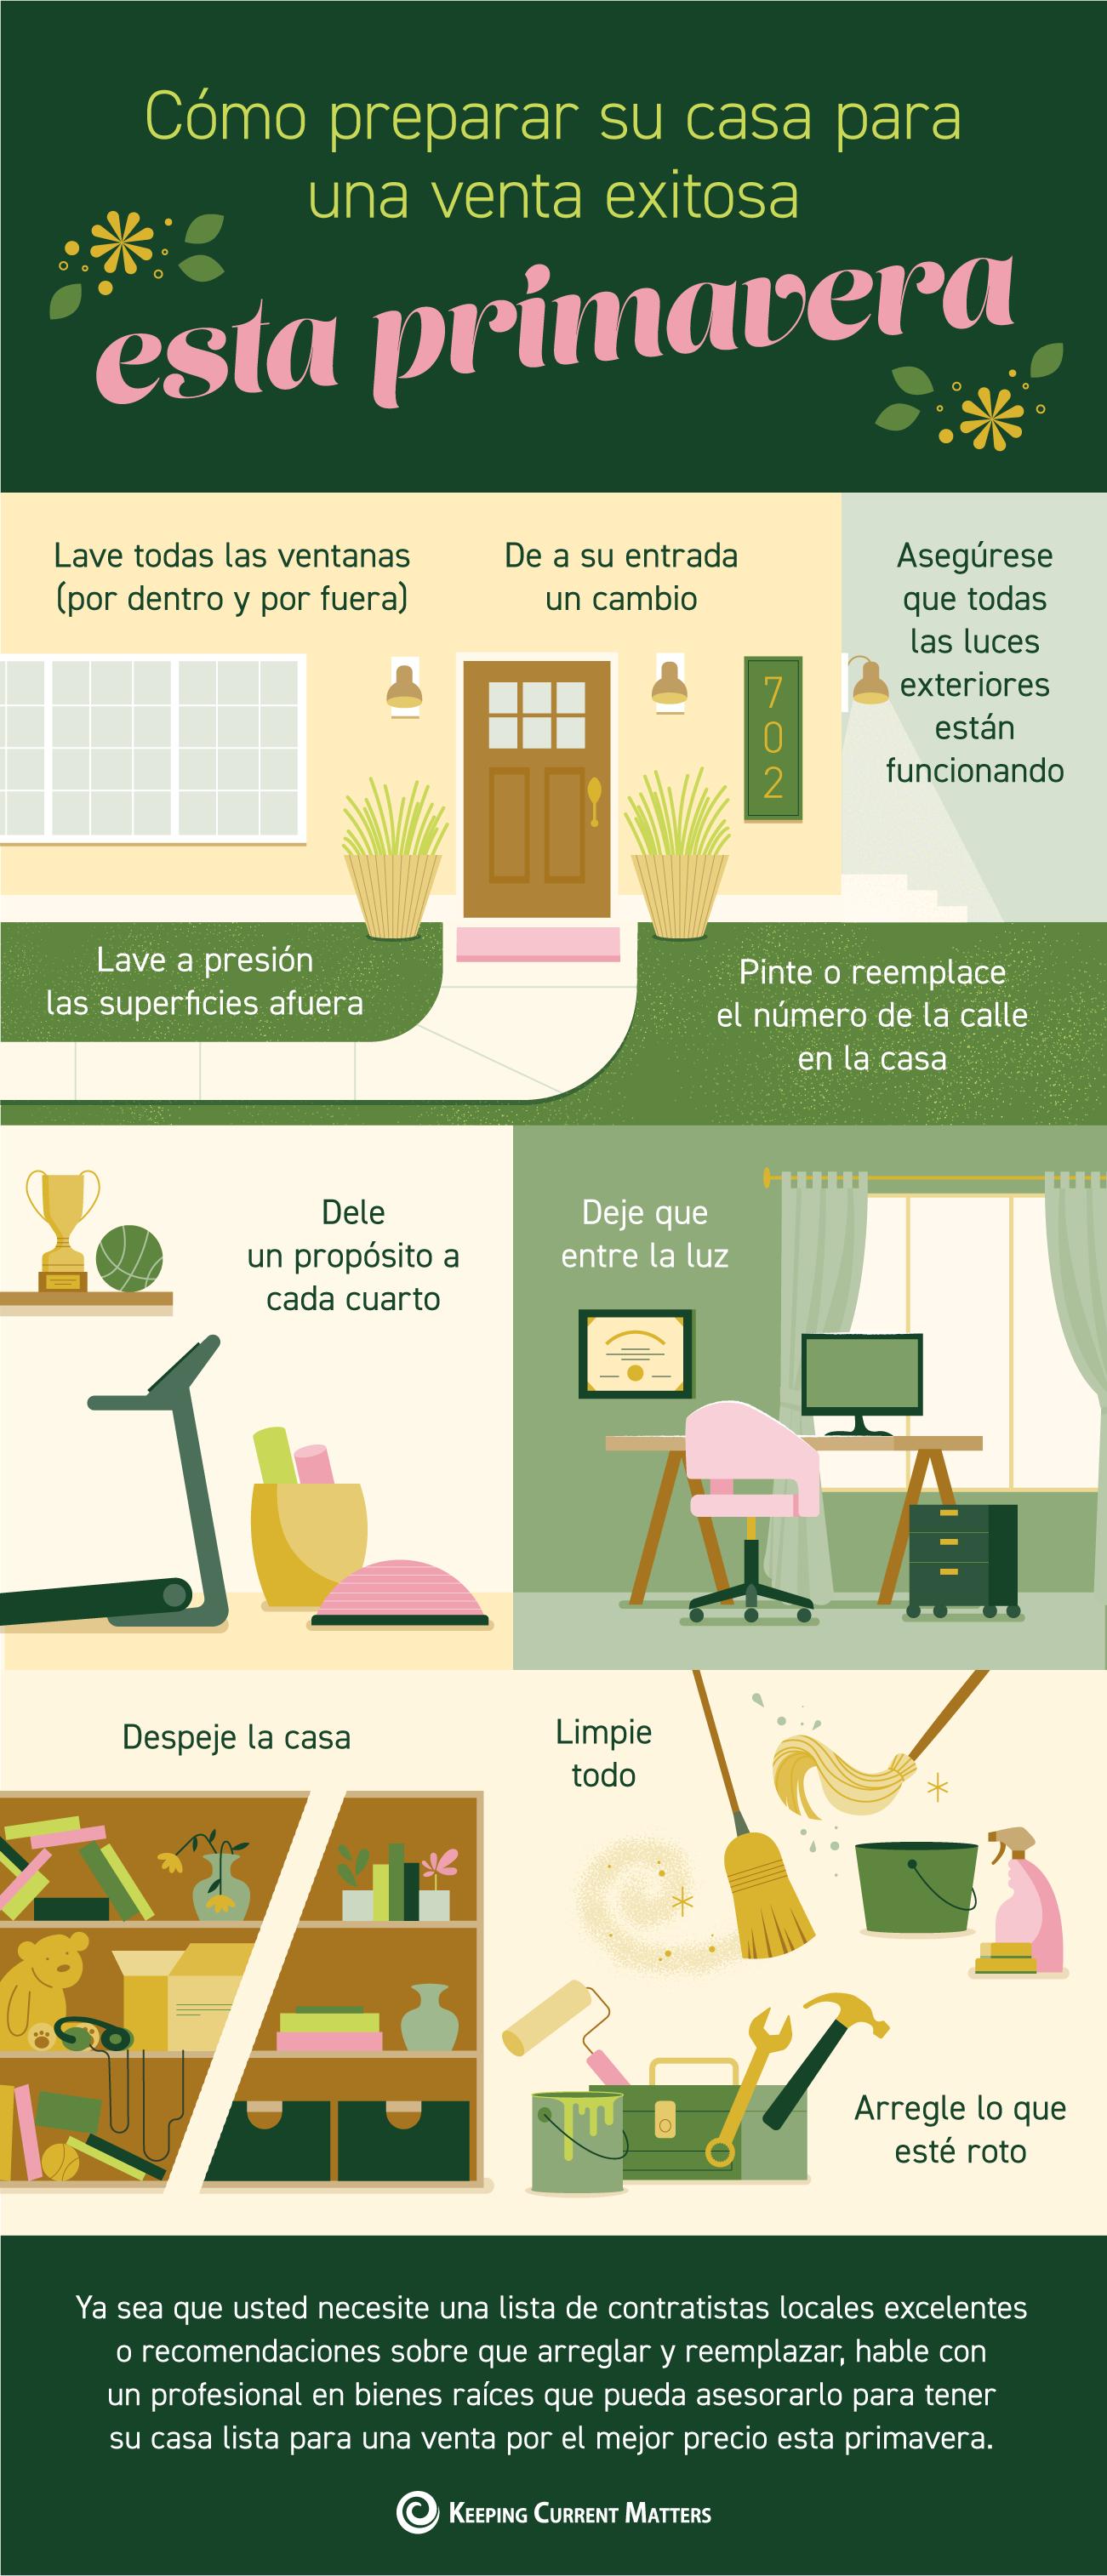 Cómo preparar su casa para una venta exitosa esta primavera [infografía] | Keeping Current Matters